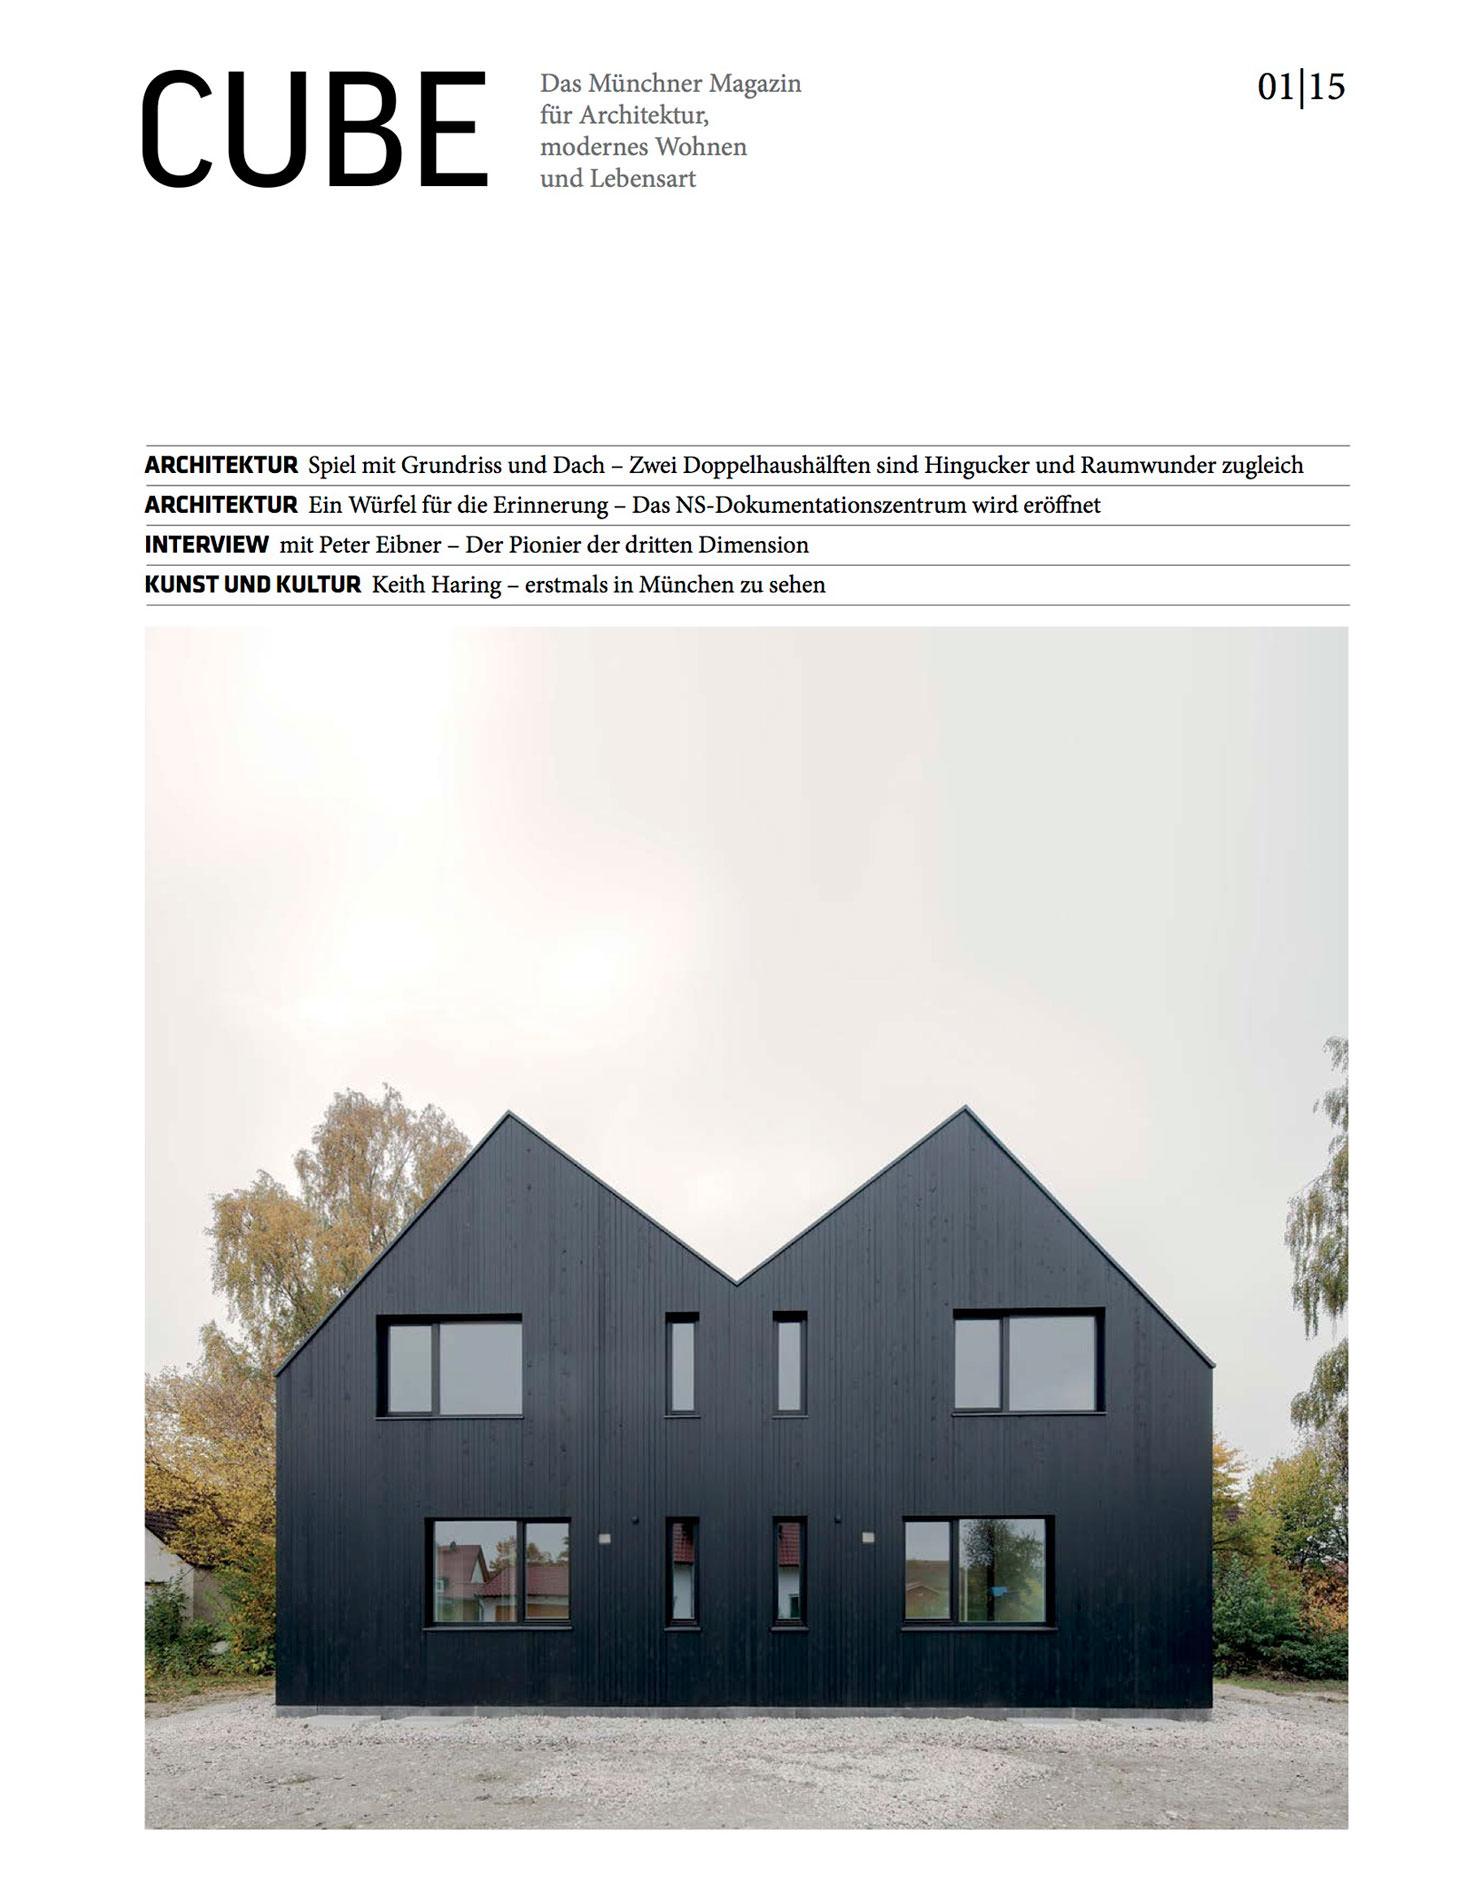 Architektur Magazin cube magazine restaurant freiraum cba clemens bachmann